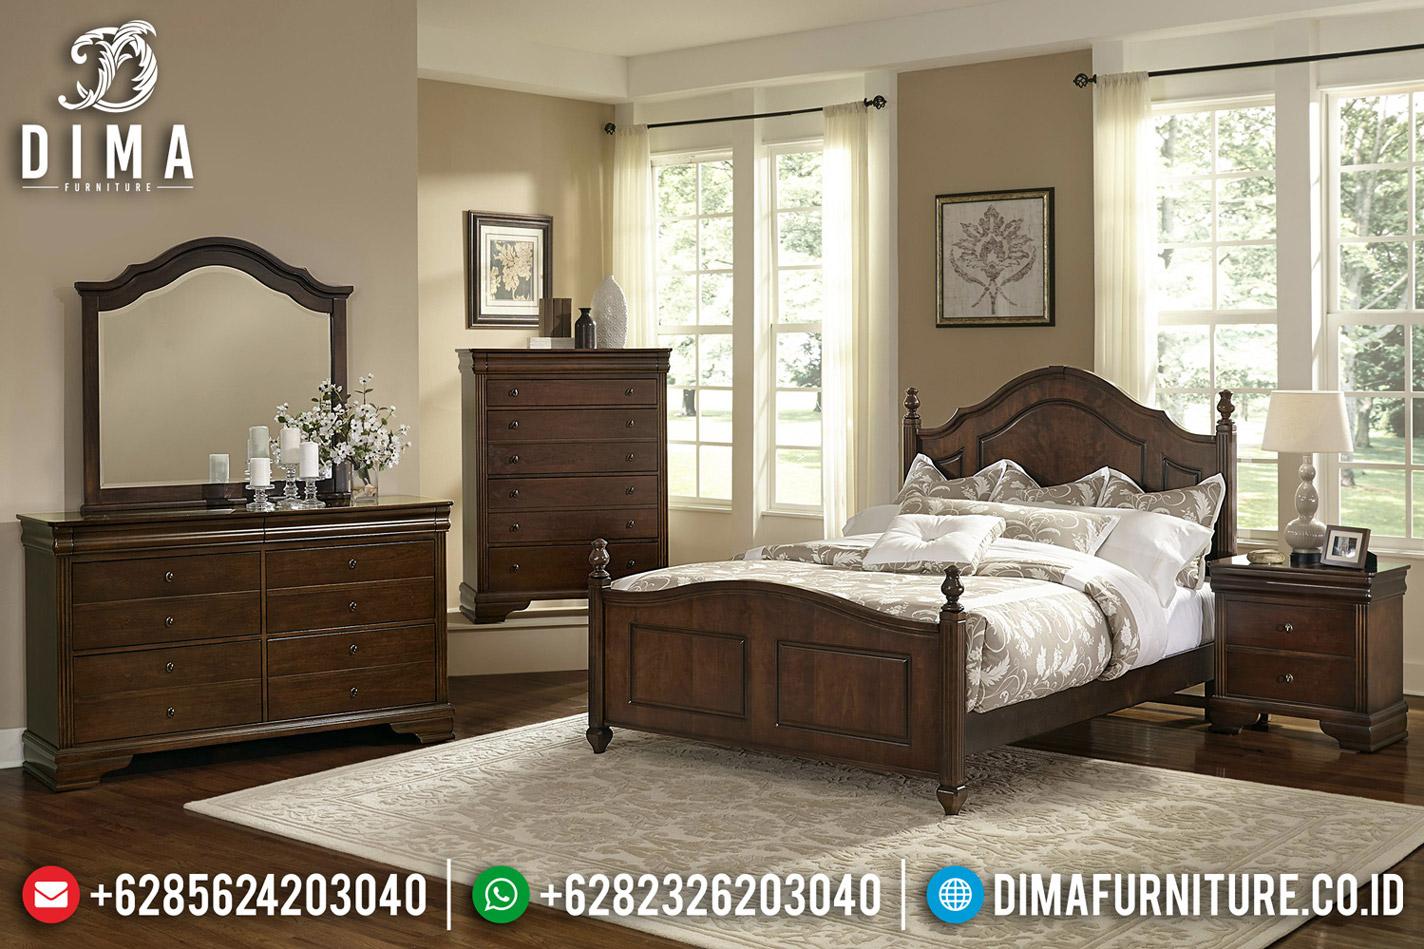 Desain Kamar Set Minimalis Jepara Natural Classic Salak Brown BT-0503